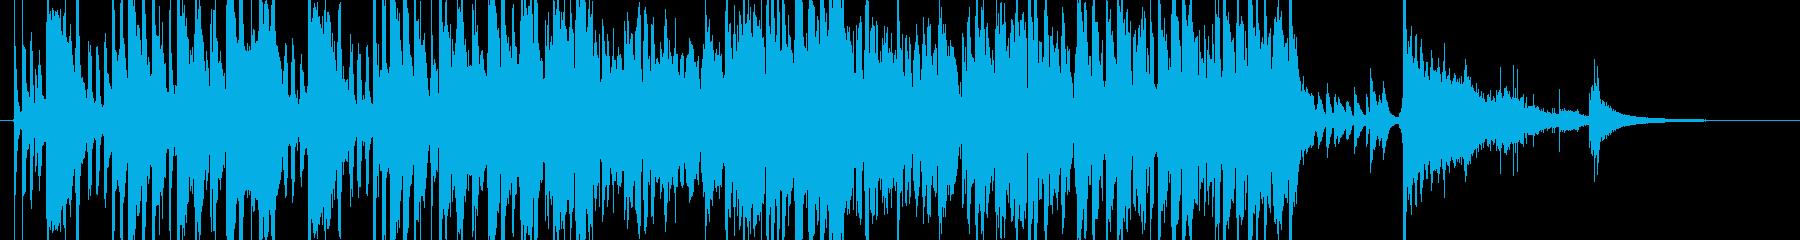 セクシーでカッコいいOPに使えるジャズの再生済みの波形